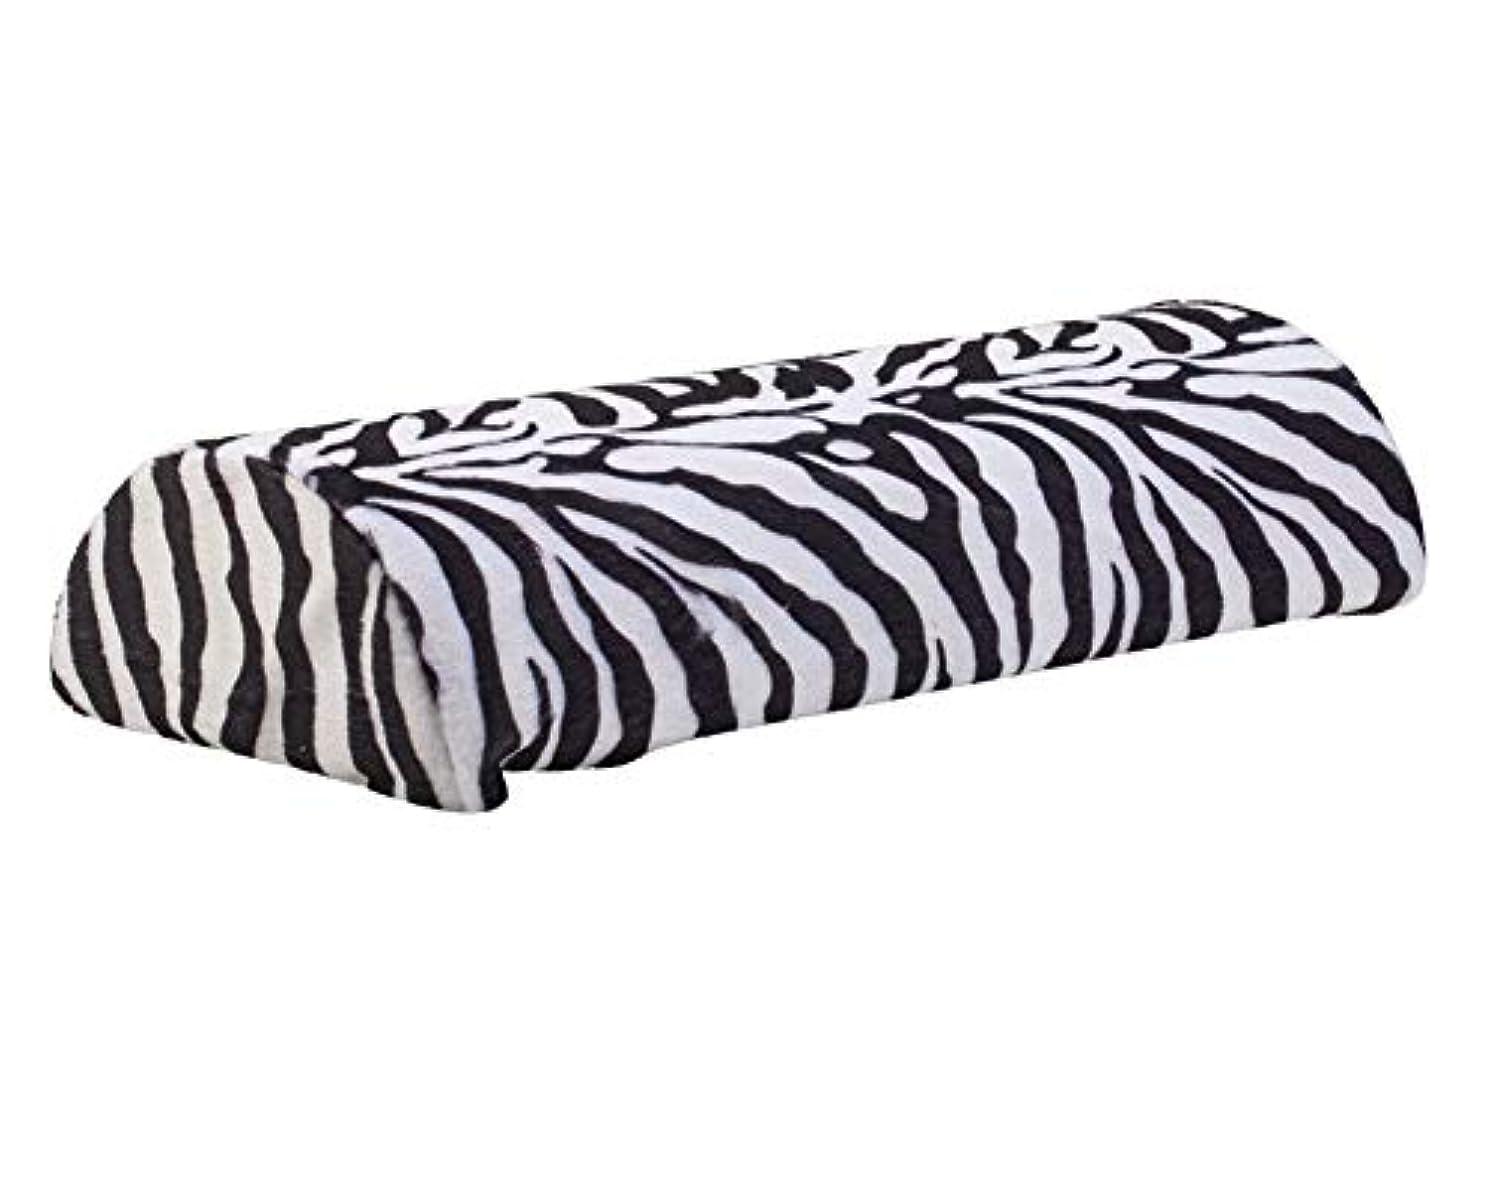 ゴミ箱を空にする先にジャンクマニキュアとネイルアートデザインアプリケーションのための素晴らしい品質のプロフェッショナルサロンツールアクセサリーソフト枕/黒と白色のシマウマパターンでハンドレスト